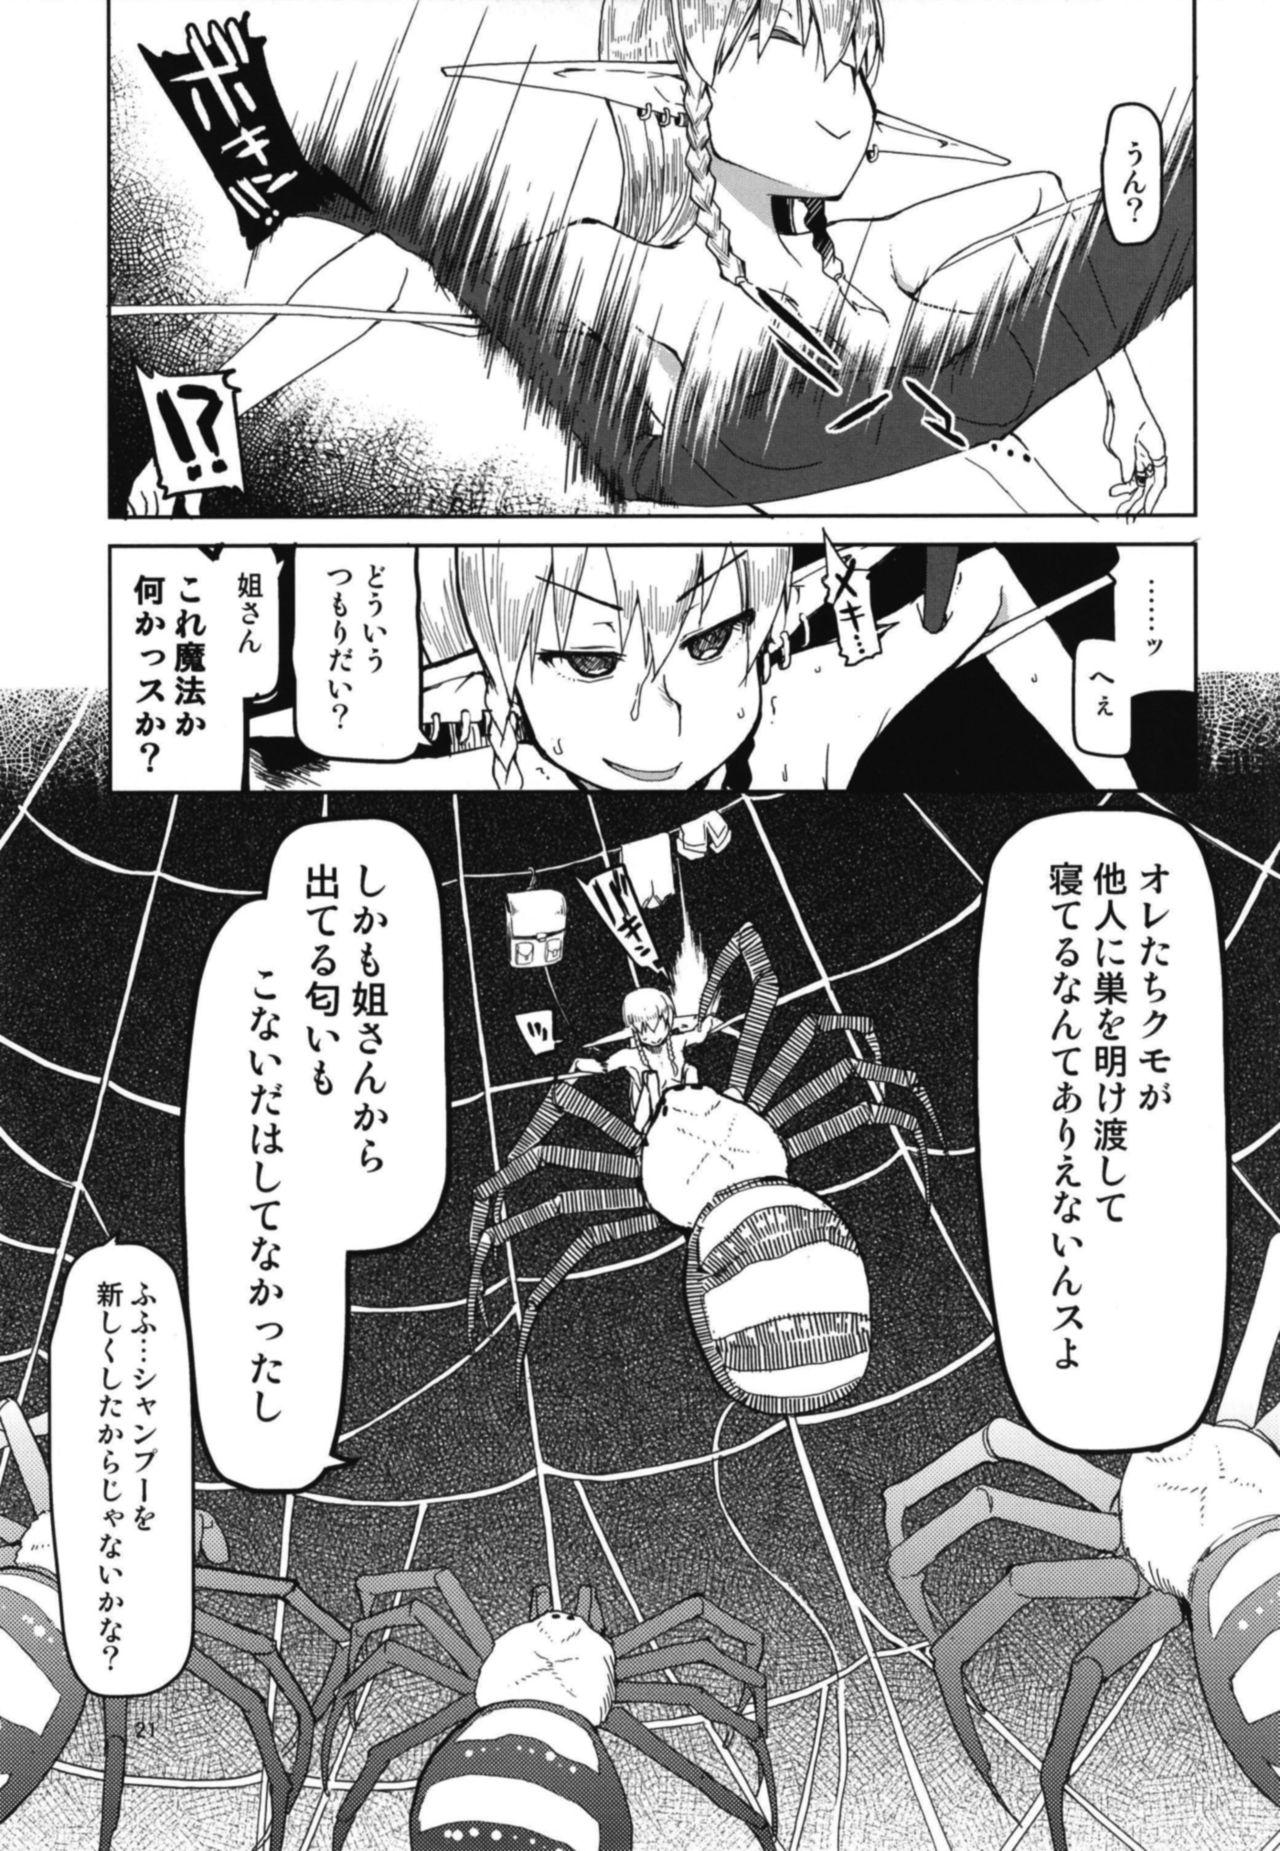 Dosukebe Elf no Ishukan Nikki 5 22